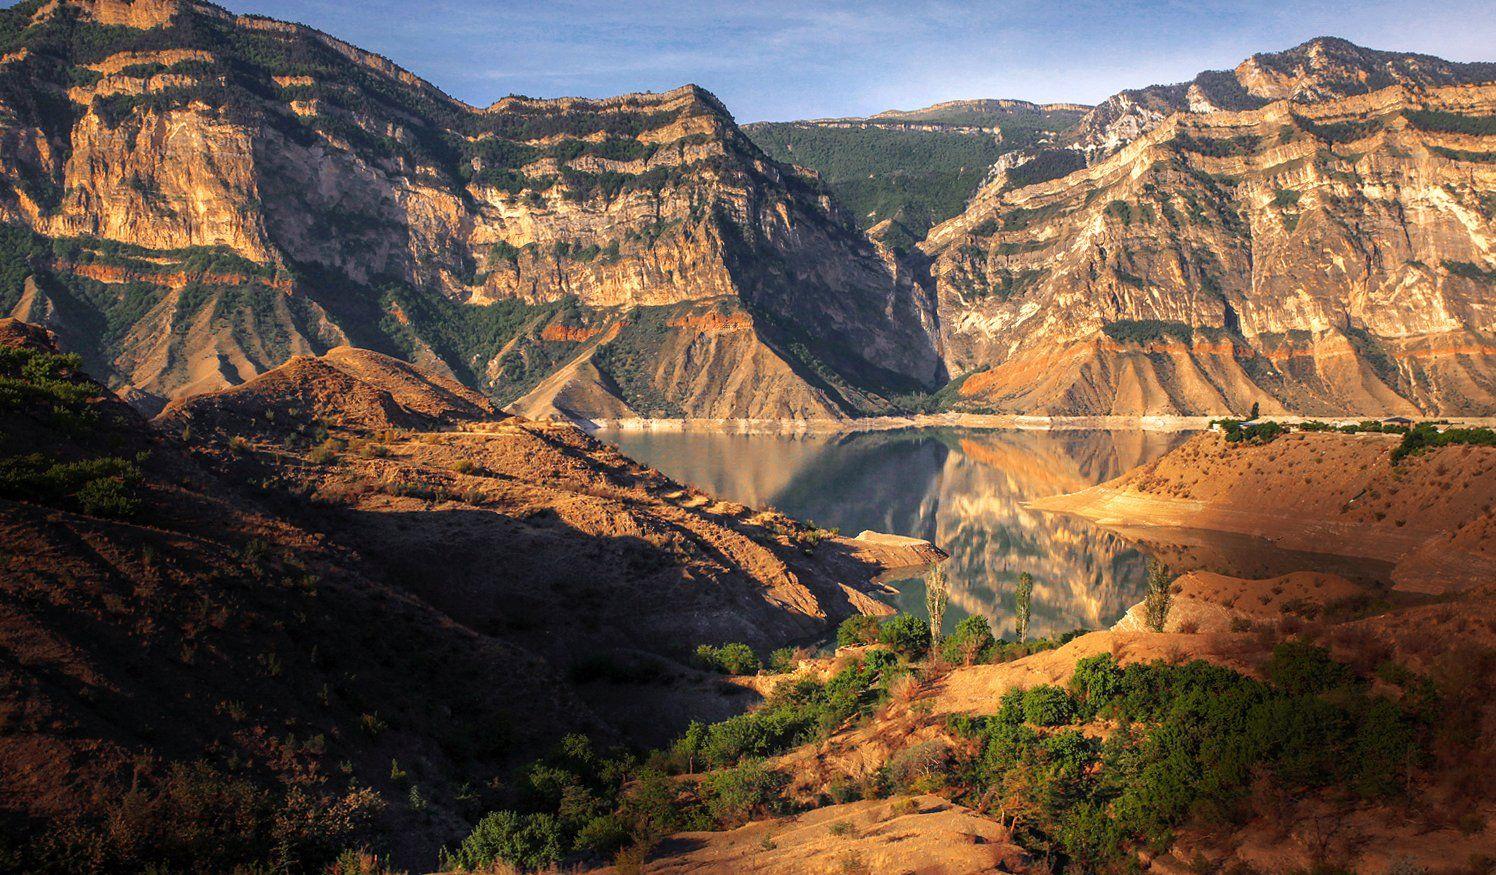 ирганай,водохранилище,горы,вершины,пейзаж,небо,деревья,дагестан,природа, Magov Marat